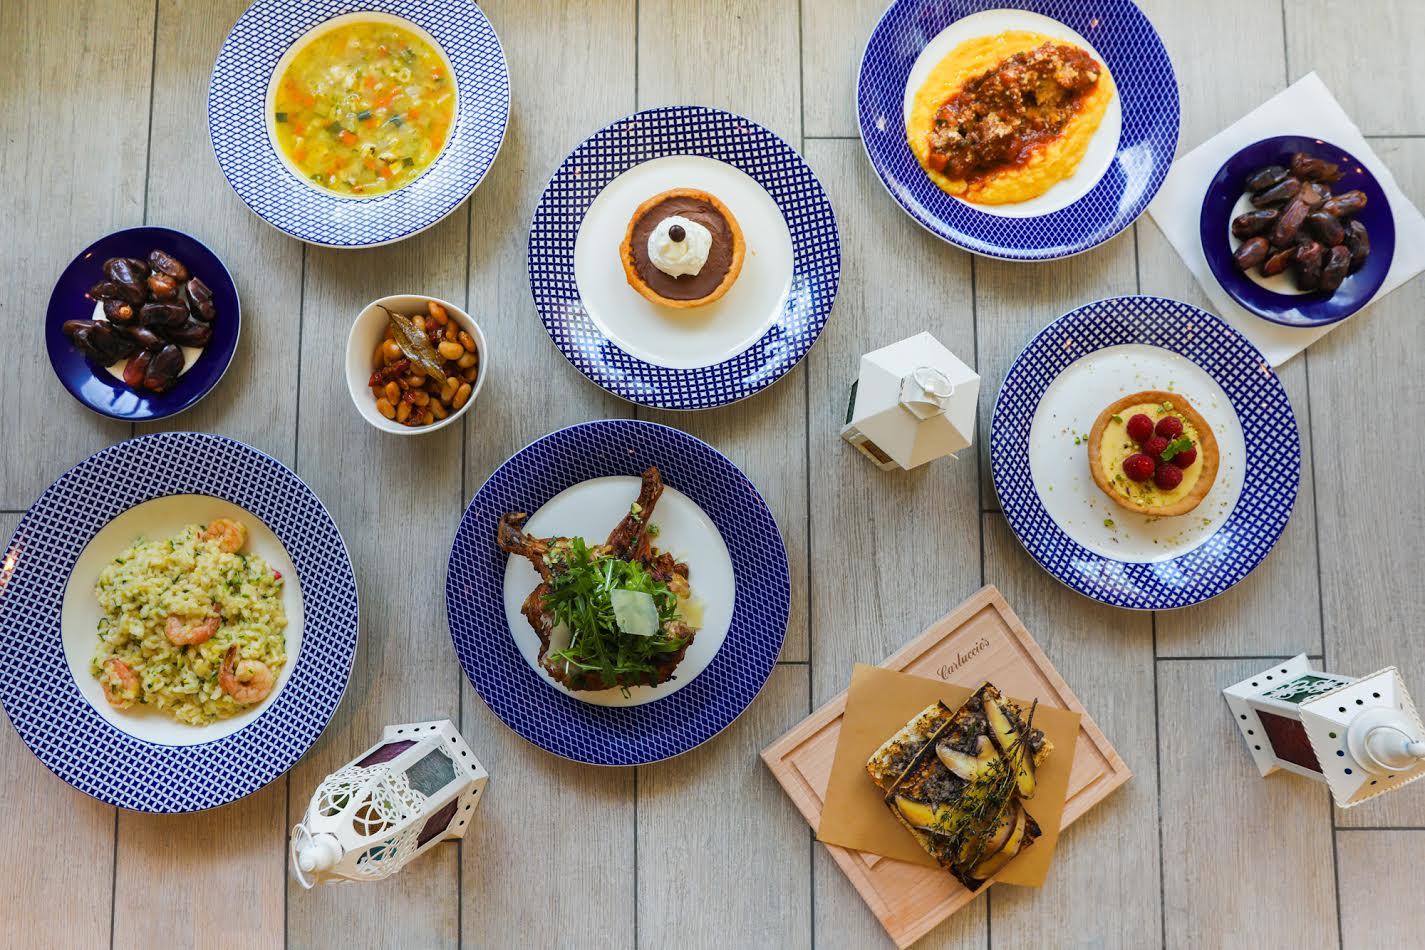 عروض مطعم كارلوتشيوز لرمضان 2017